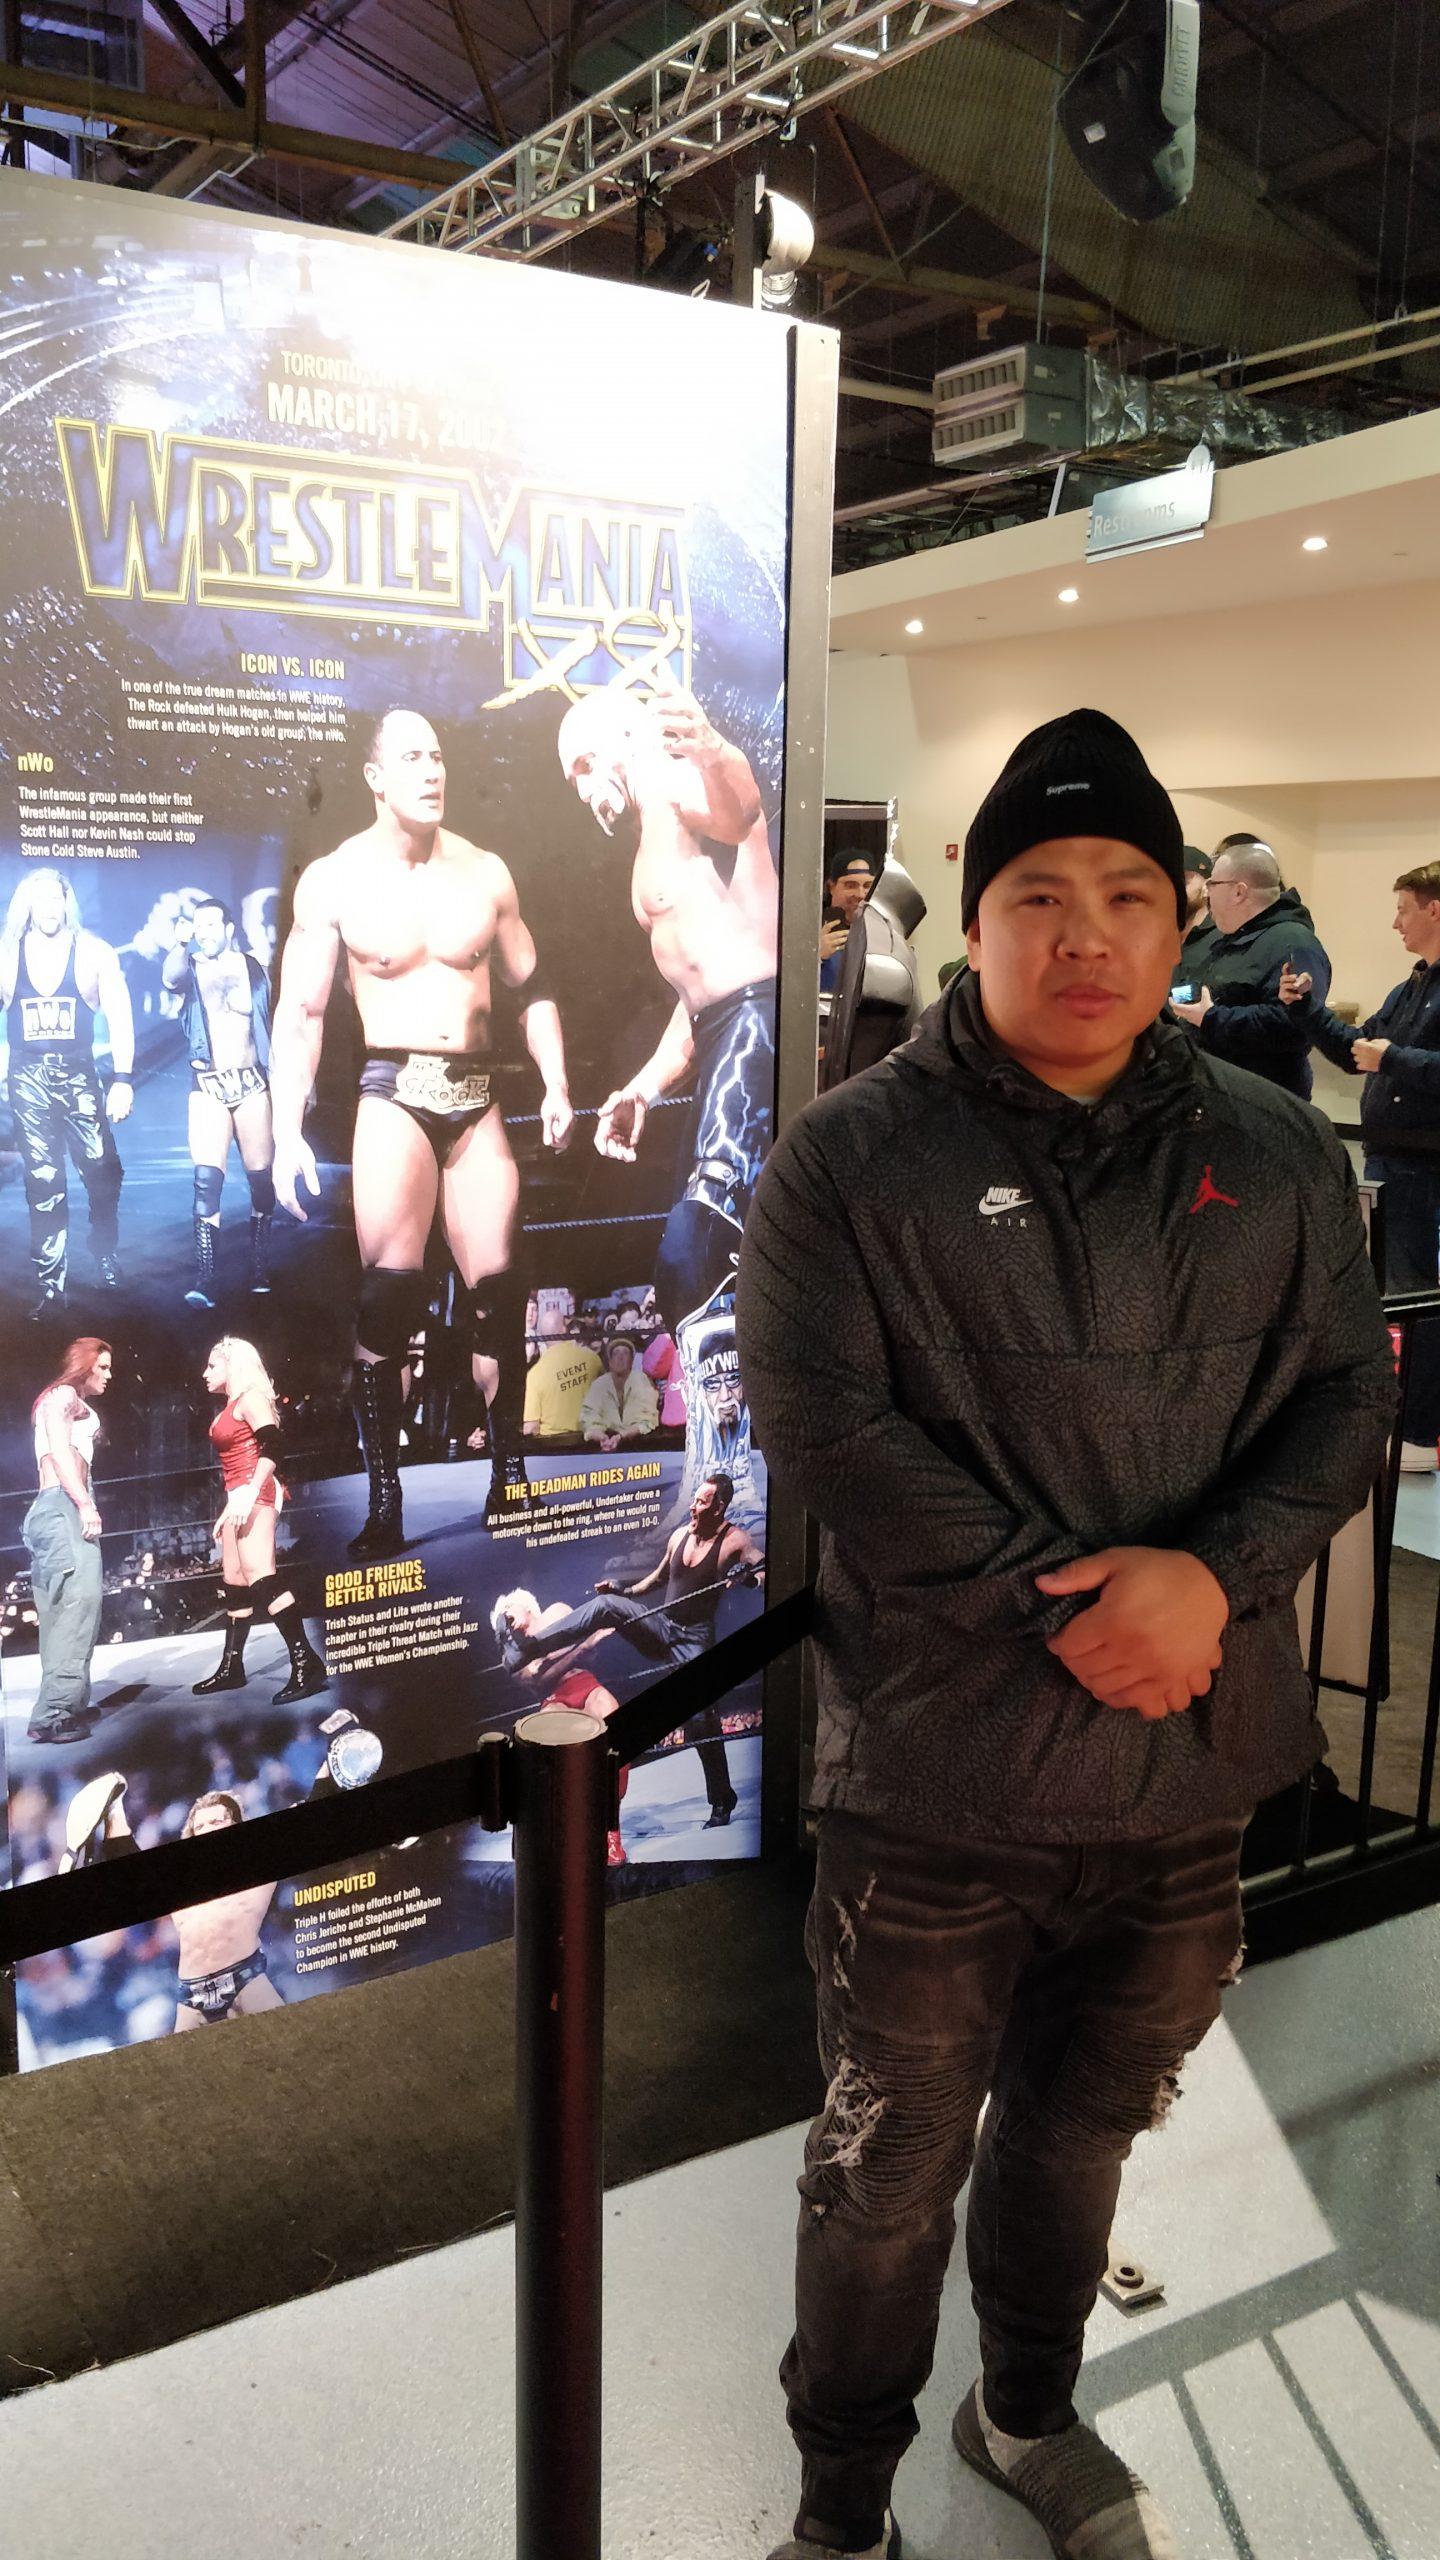 Wayne Lapasa standing next to the WrestleMania X8 Exhibit at WrestleMania Axxess